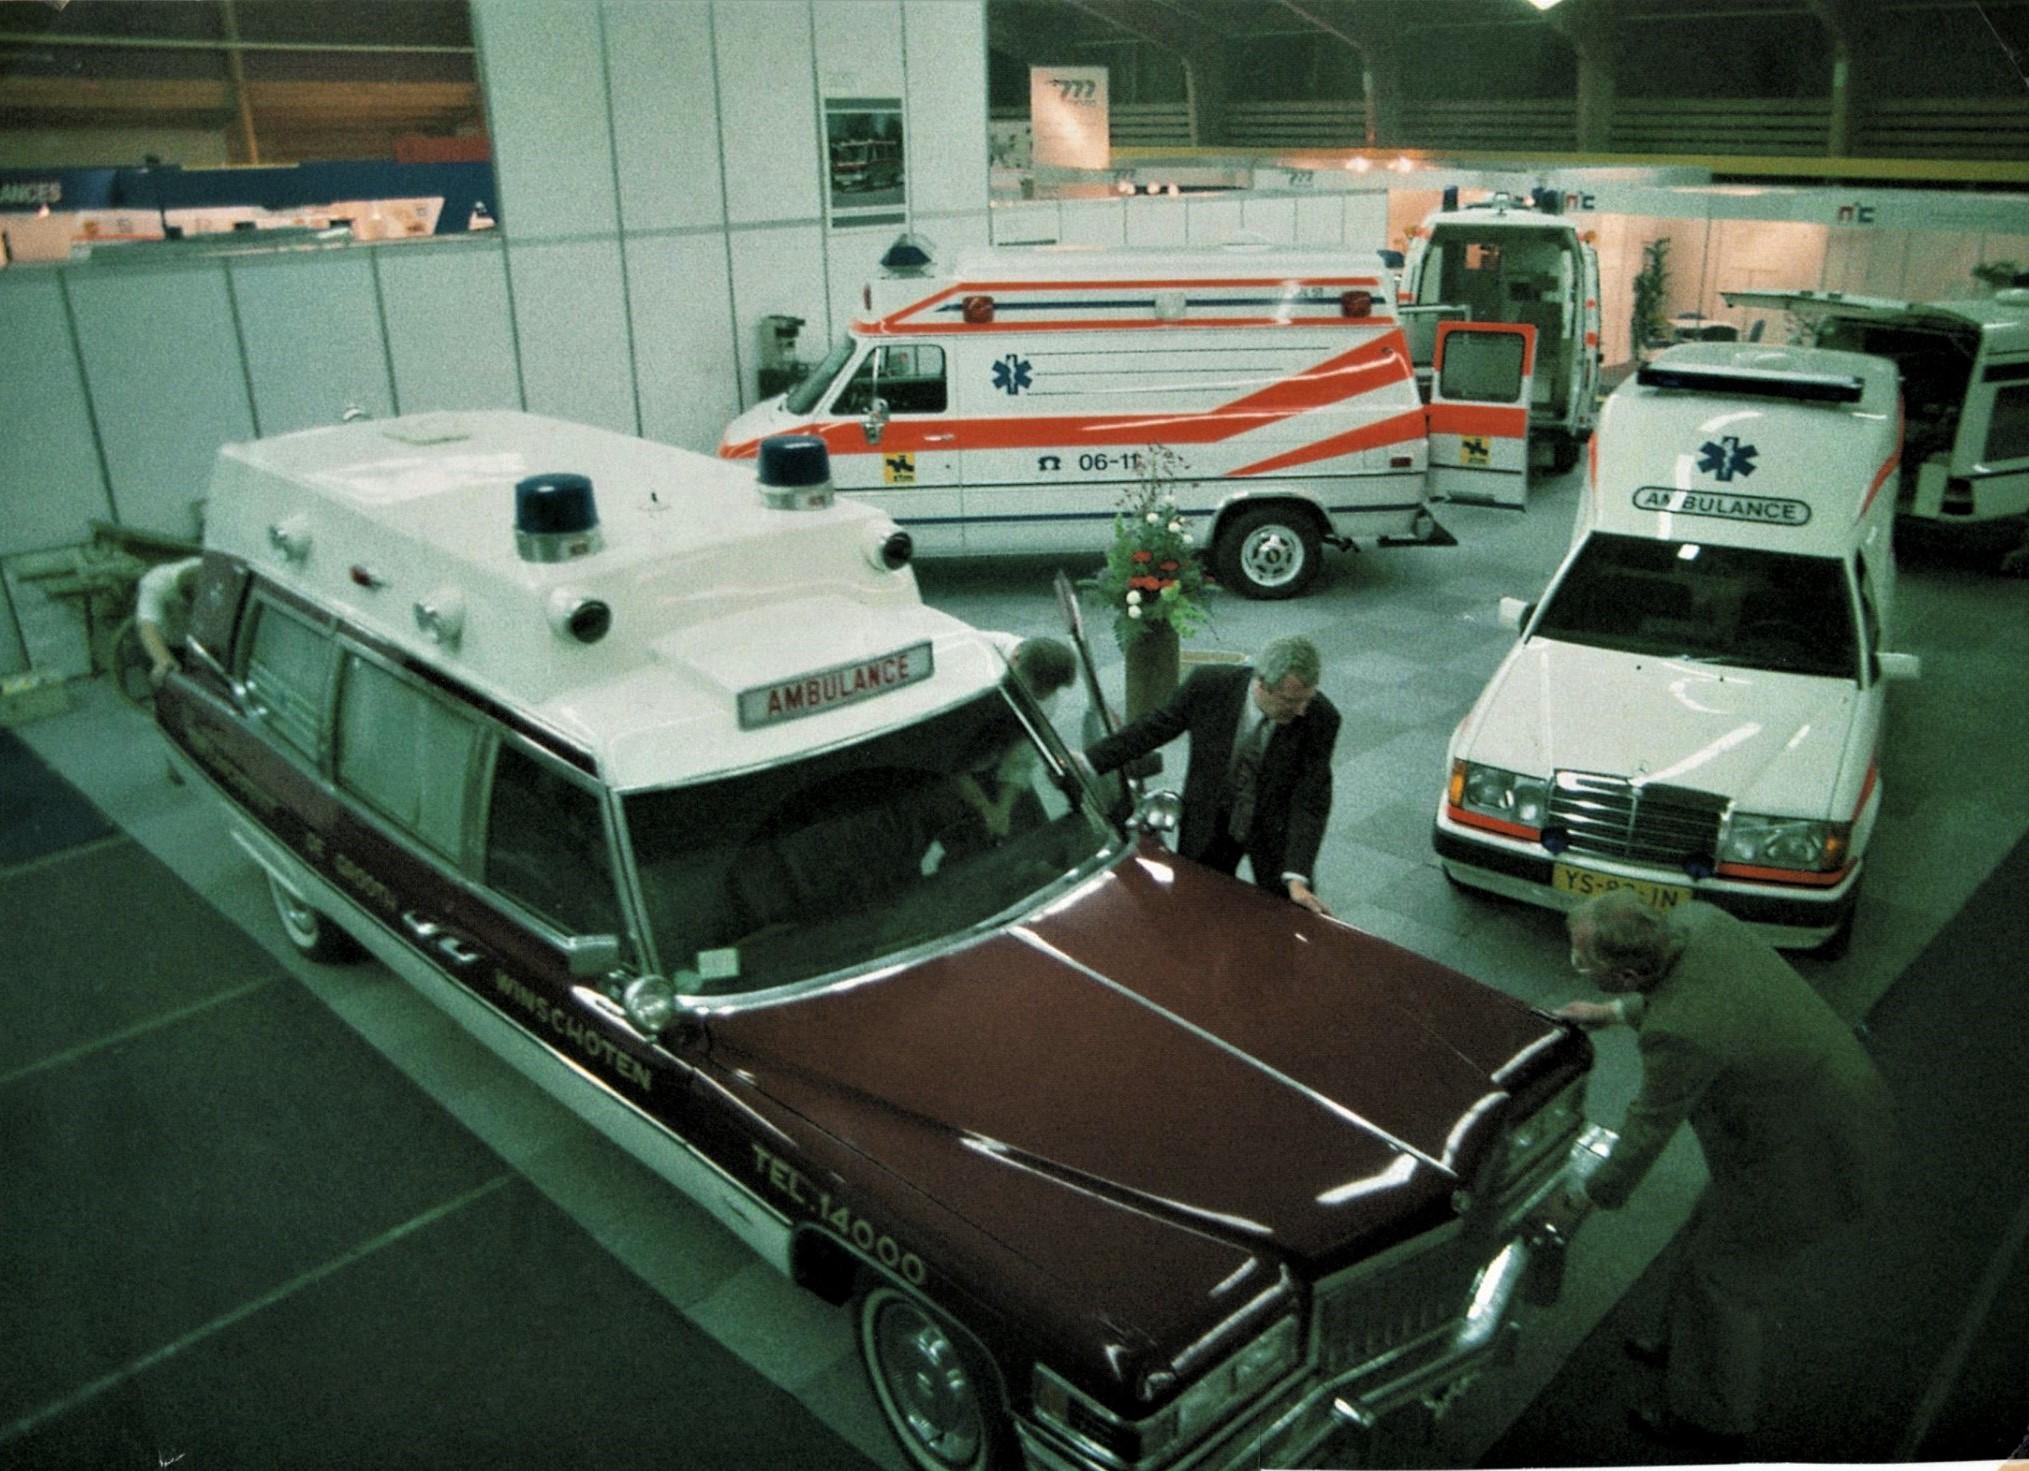 Showstand-van-de-ambulances-van-Garage-De-Grooth-uit-Winschoten-de-Cadillac-Fleetwood-Superior-ambulance-is-bewaard-gebleven.